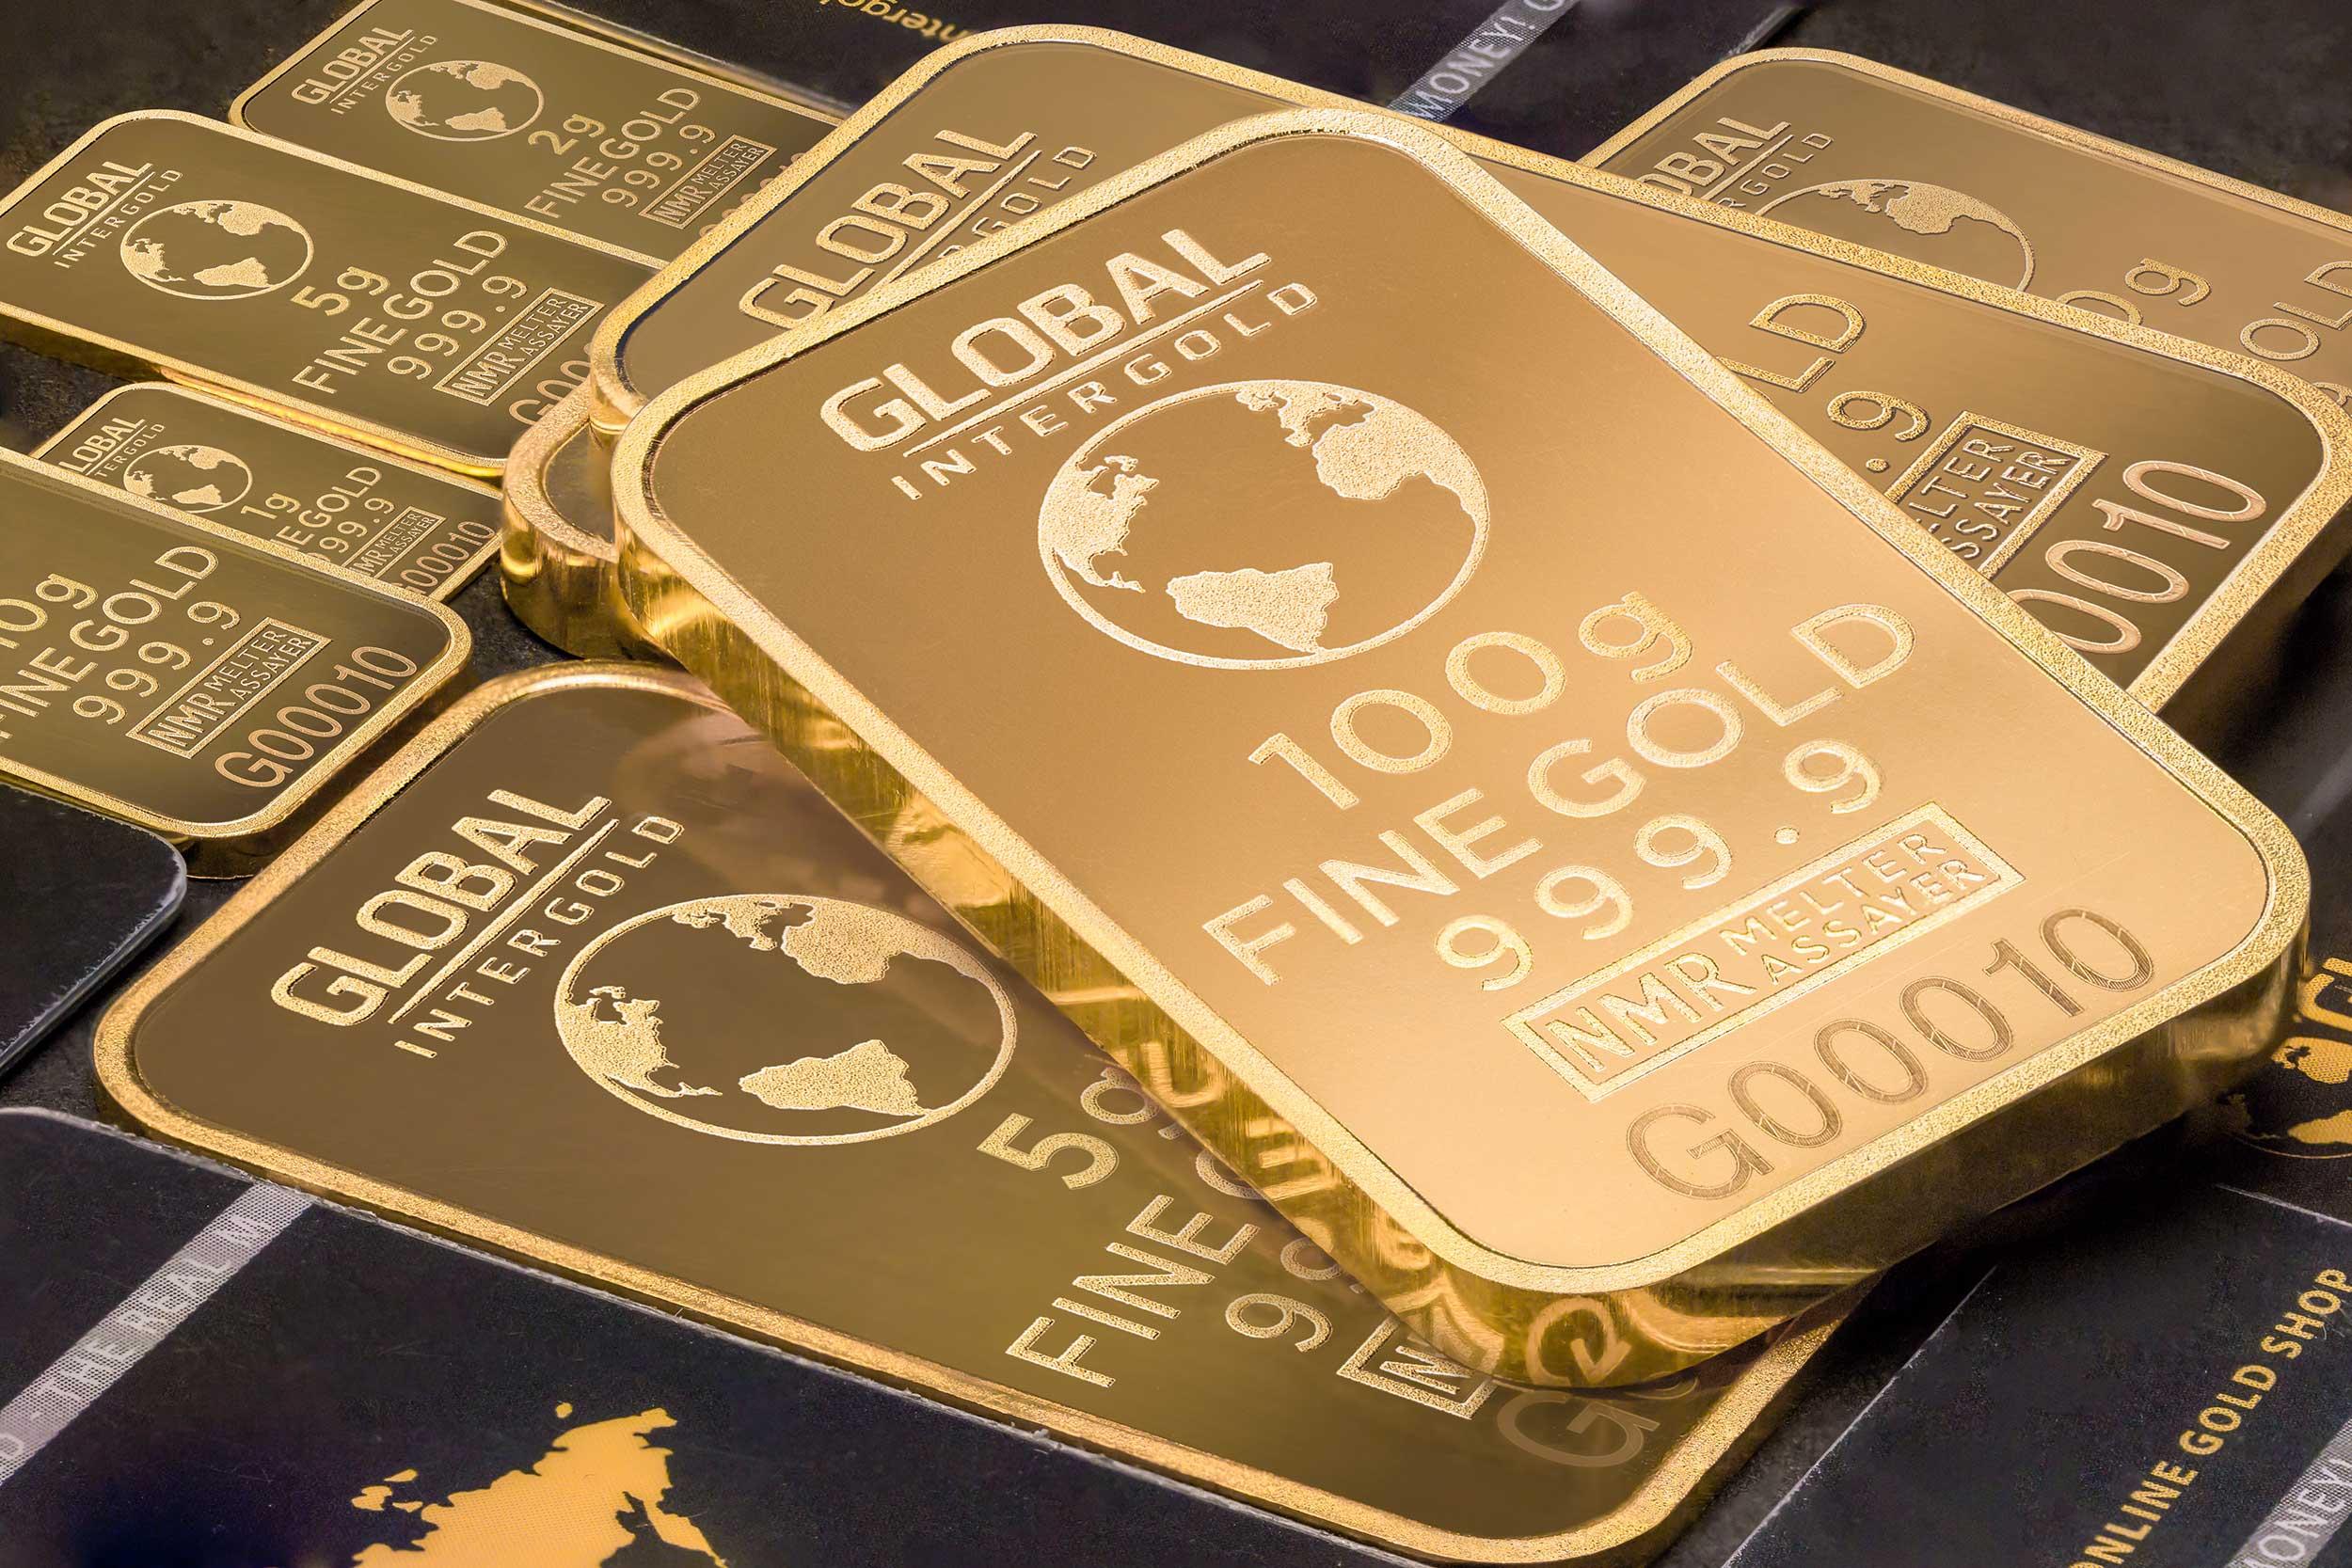 Roona Trading - Goudprijs naar record: voor het eerst boven de 2000 dollar